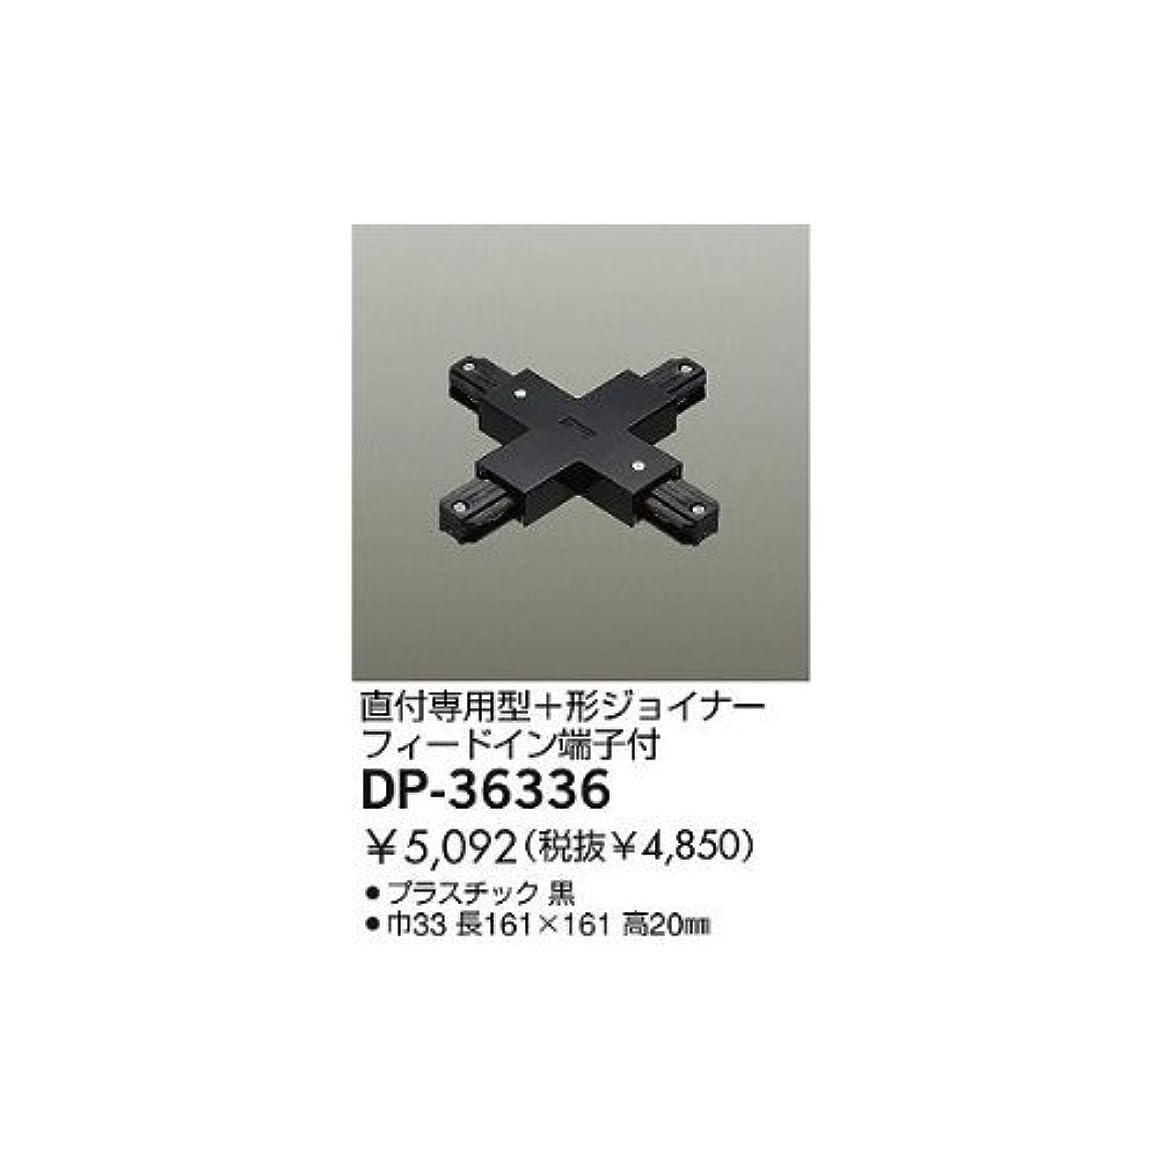 子供っぽい緩むトレッド大光電機 +形ジョイナー黒 DP36336